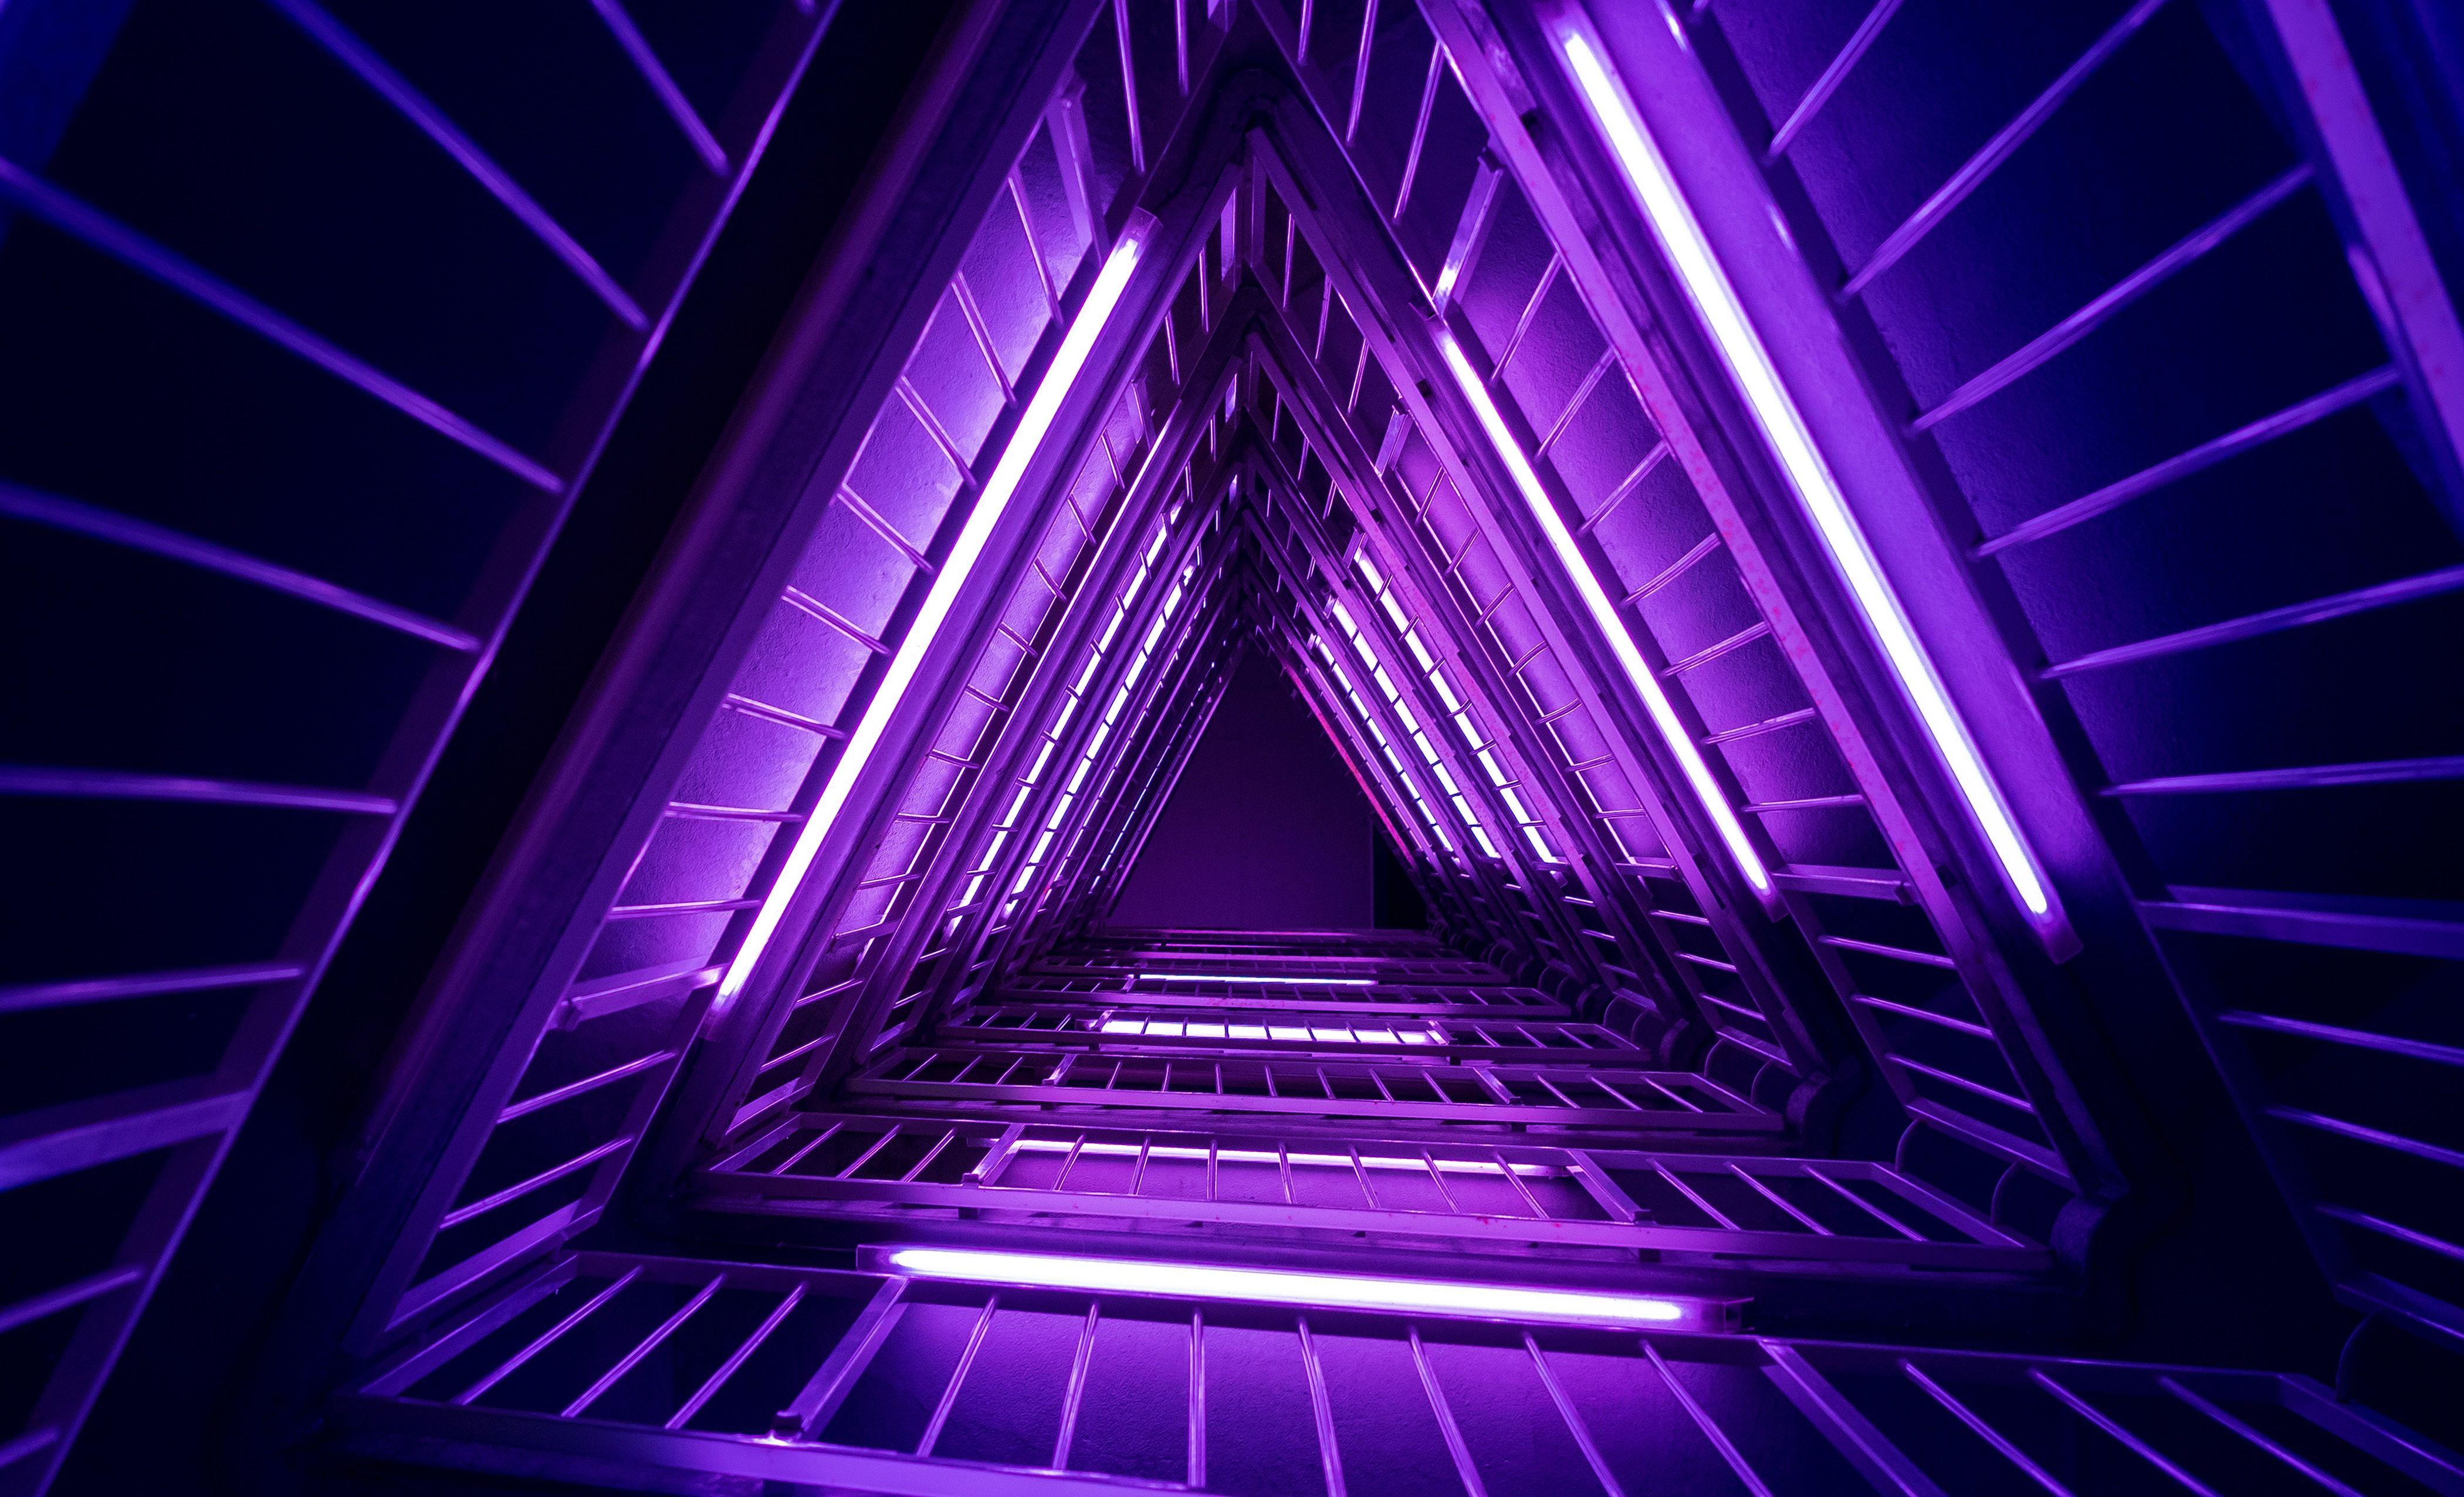 Fondos de pantalla 3d Abstracto luces moradas neón triangulo